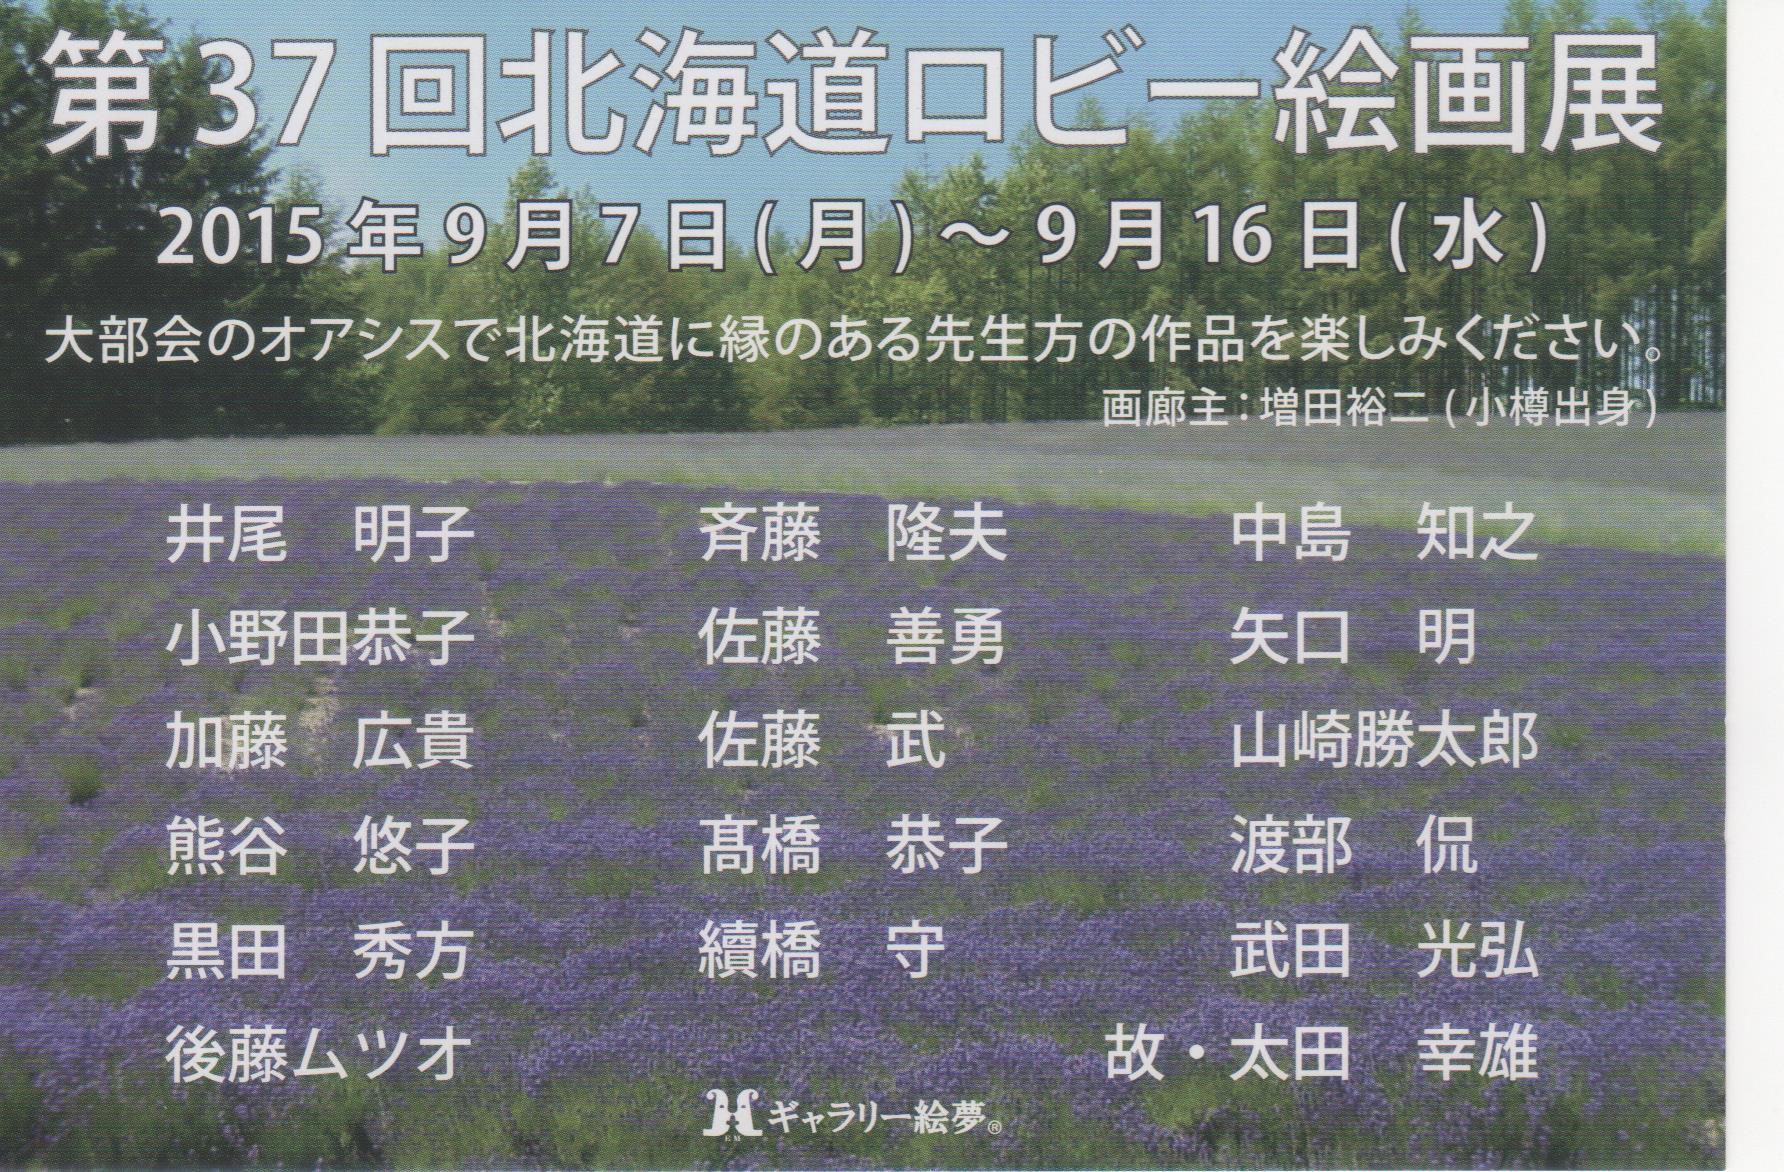 第37回北海道ロビー絵画展28229